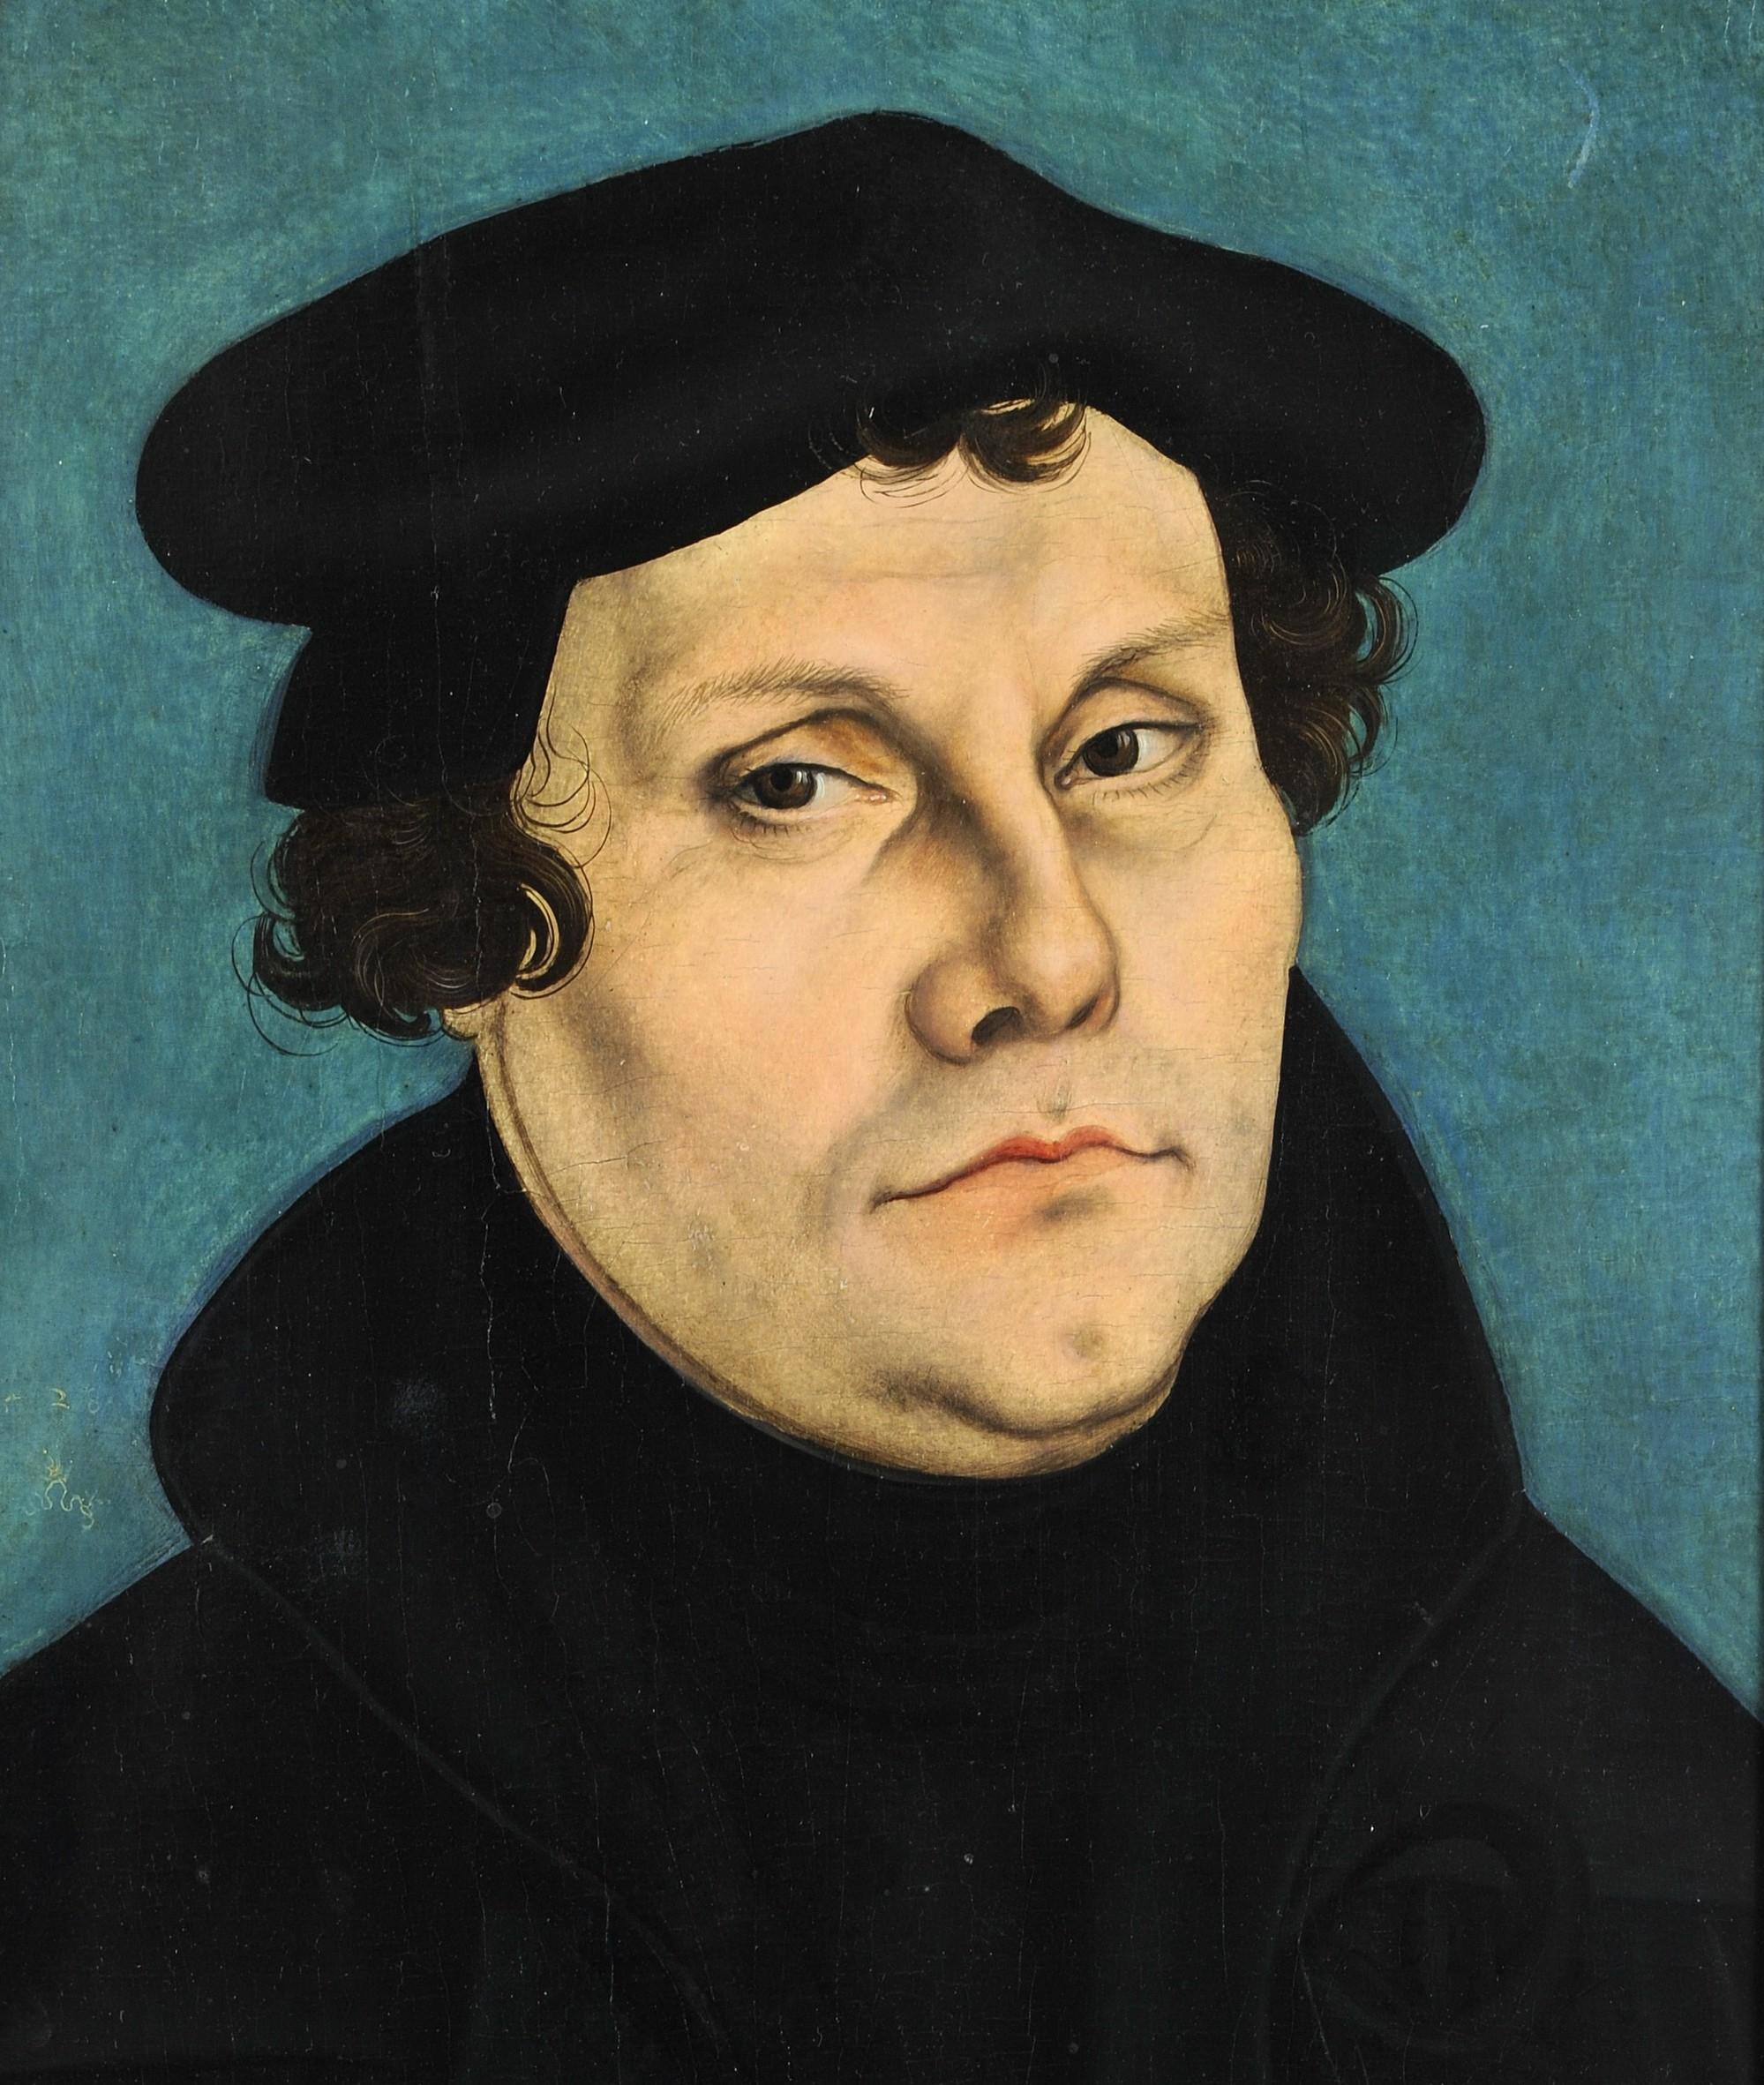 Martin Luthers Auslegung des Buches Prediger